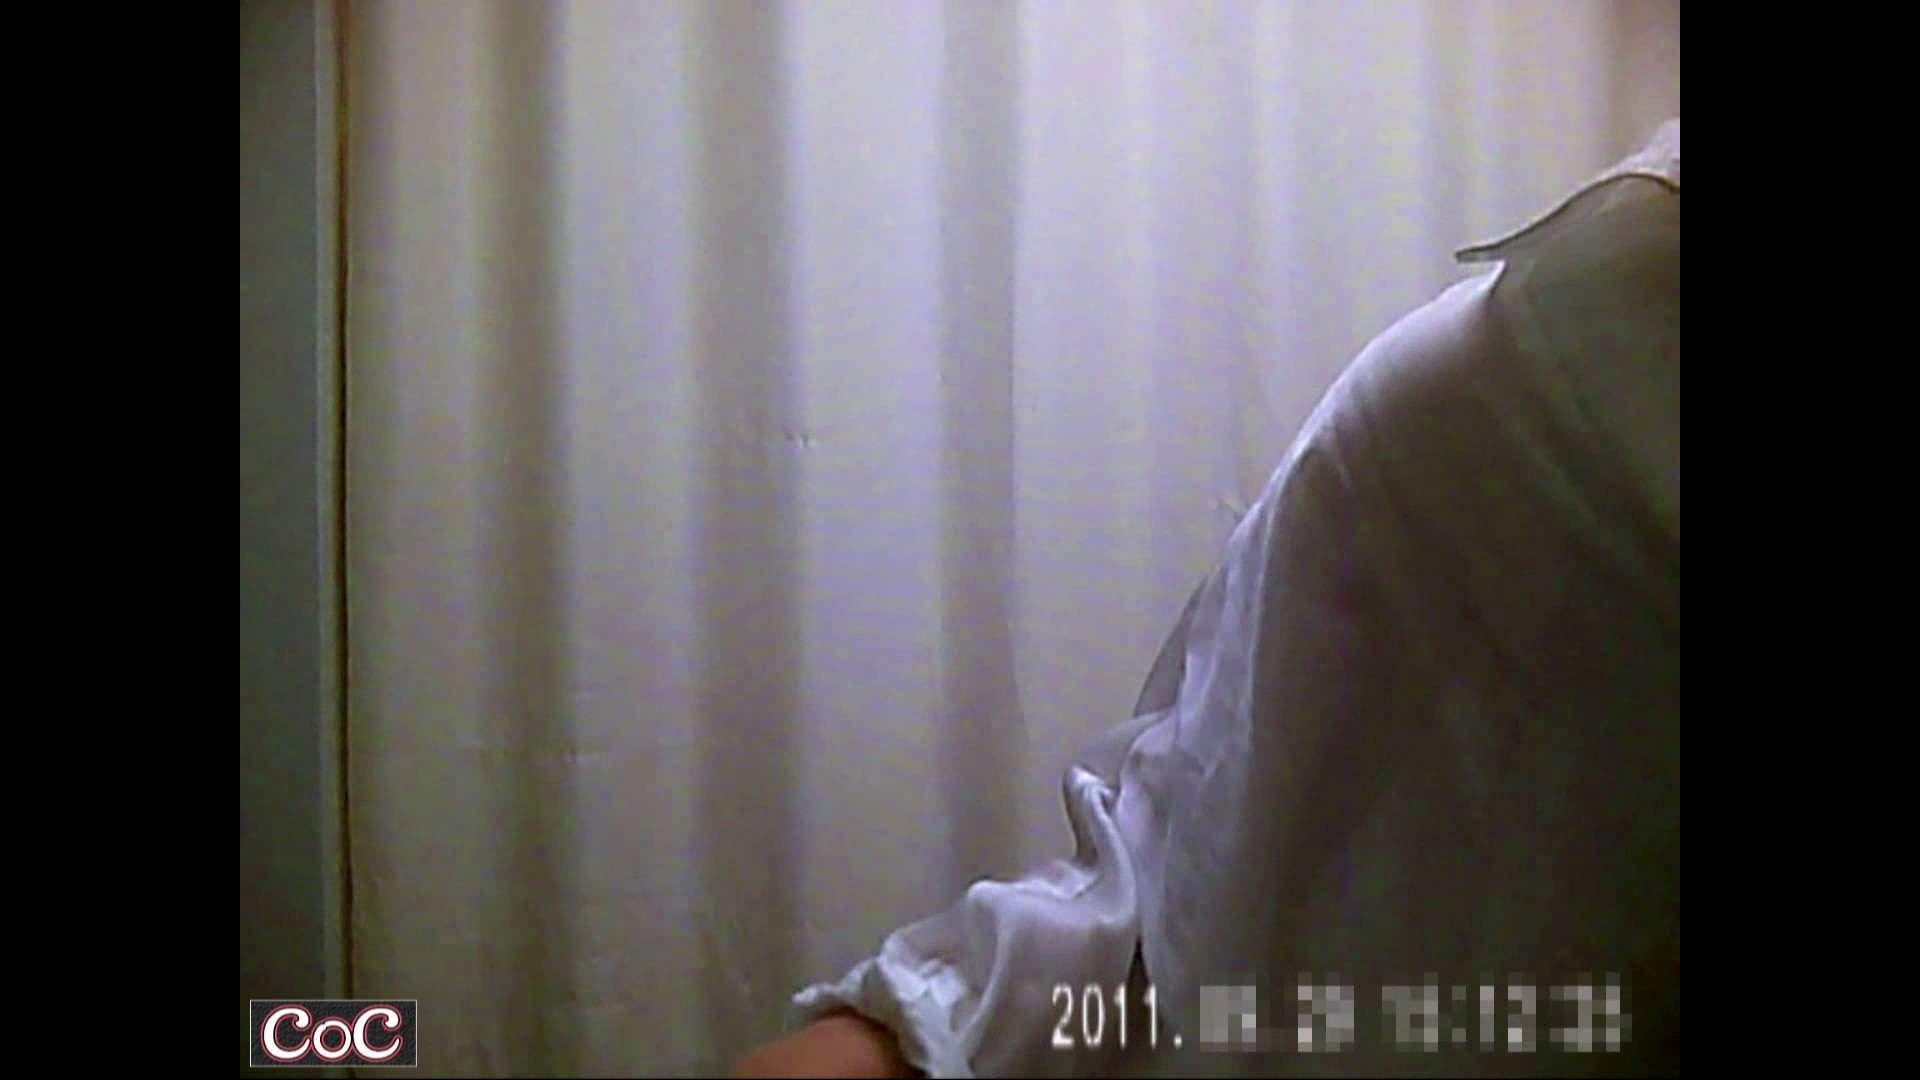 病院おもいっきり着替え! vol.45 貧乳 AV動画キャプチャ 93画像 83